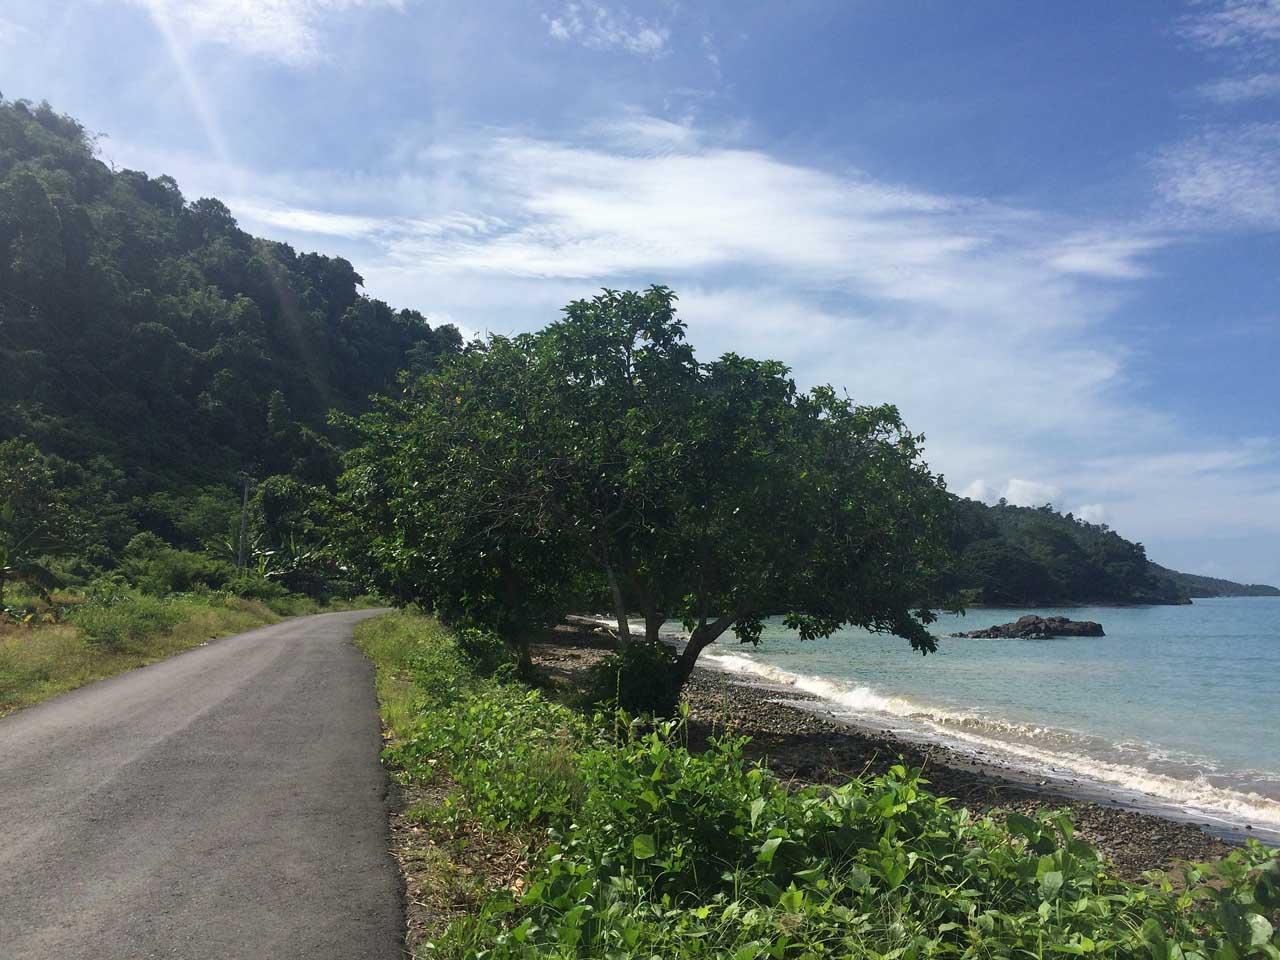 Pantai Karang Bolong Tanggamus - iphone 5s - Yopie Pangkey - 2